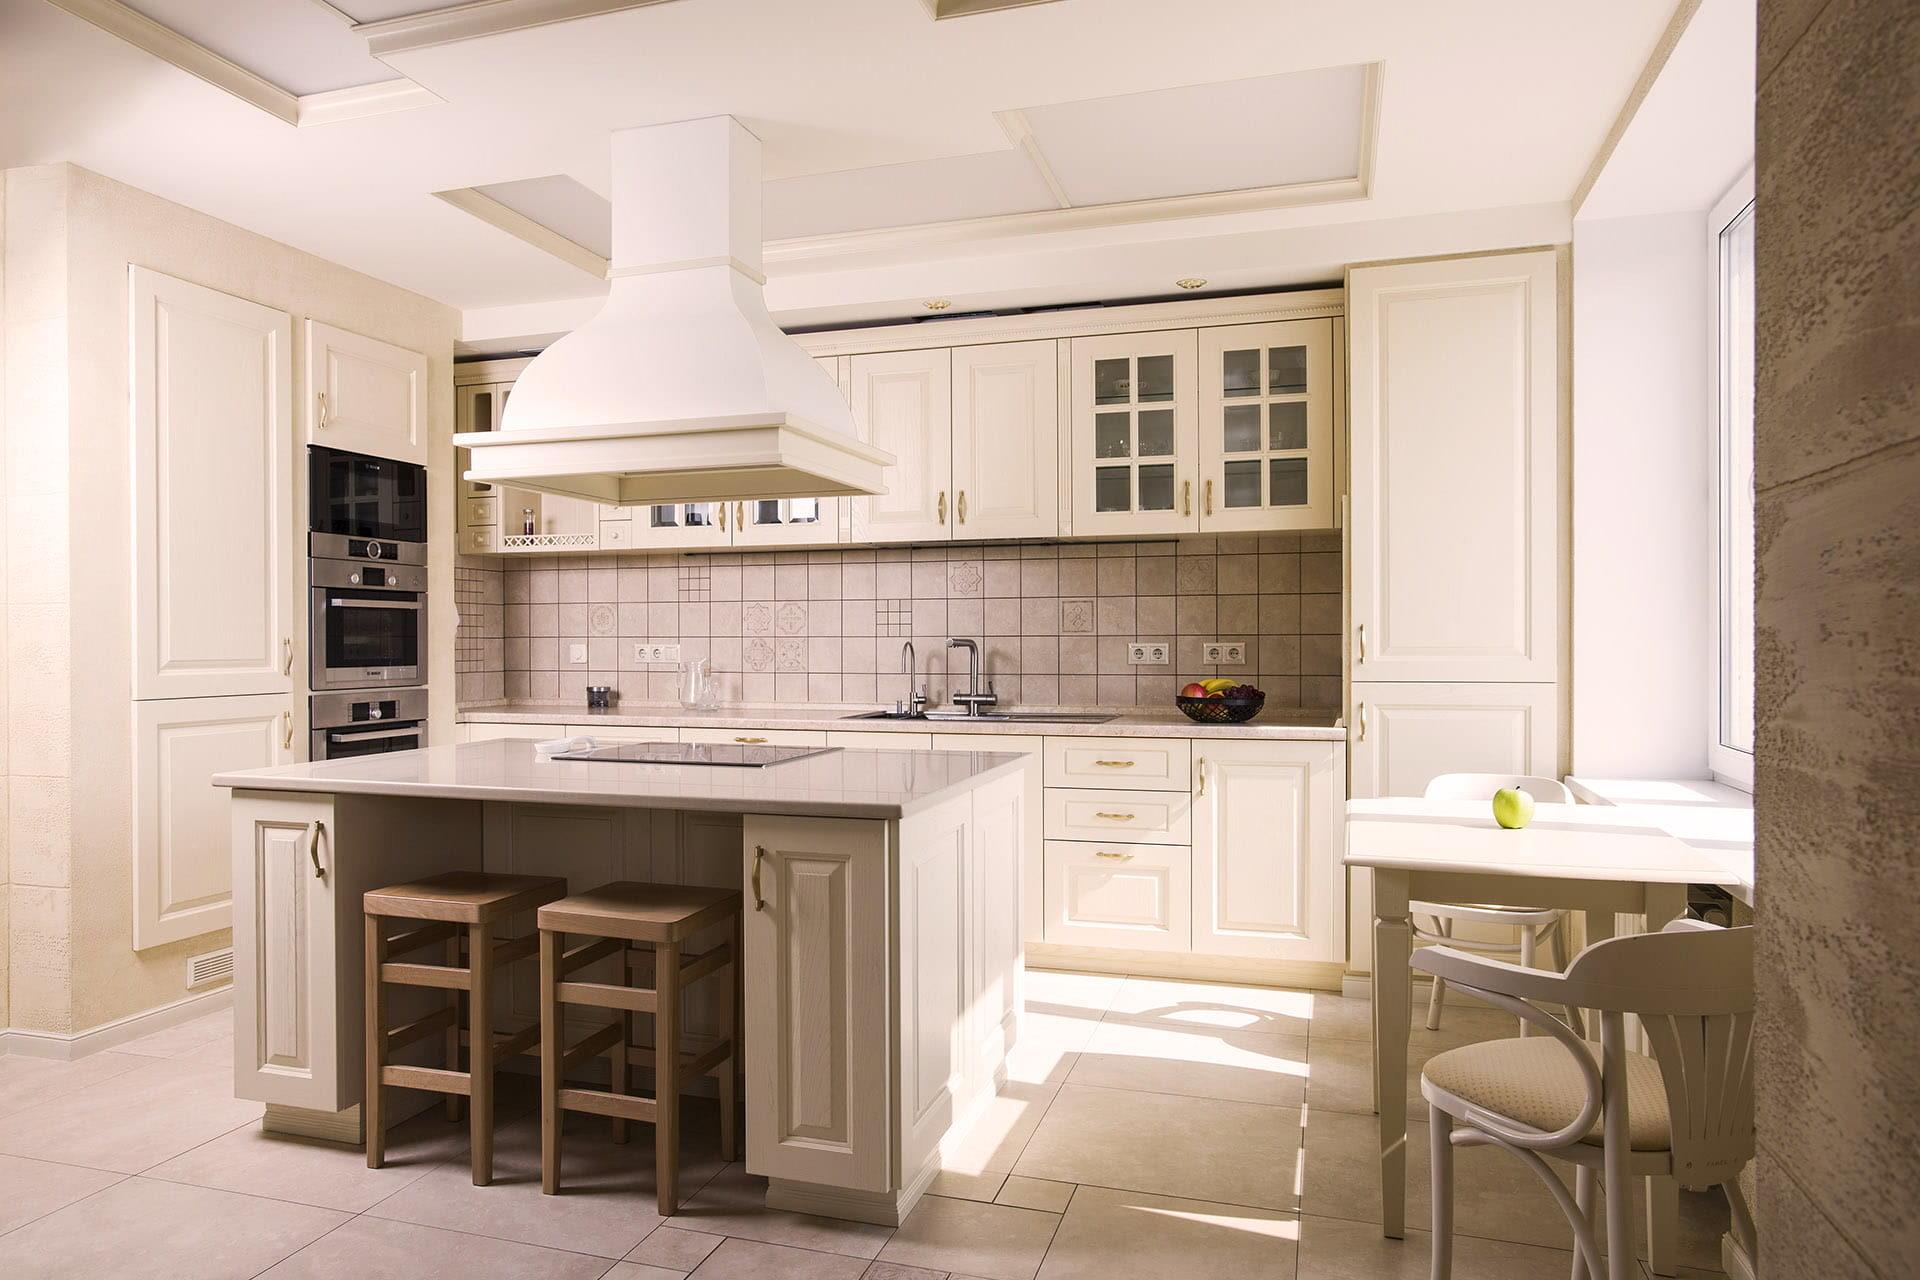 landhausküche französische küche creme küchenzeile